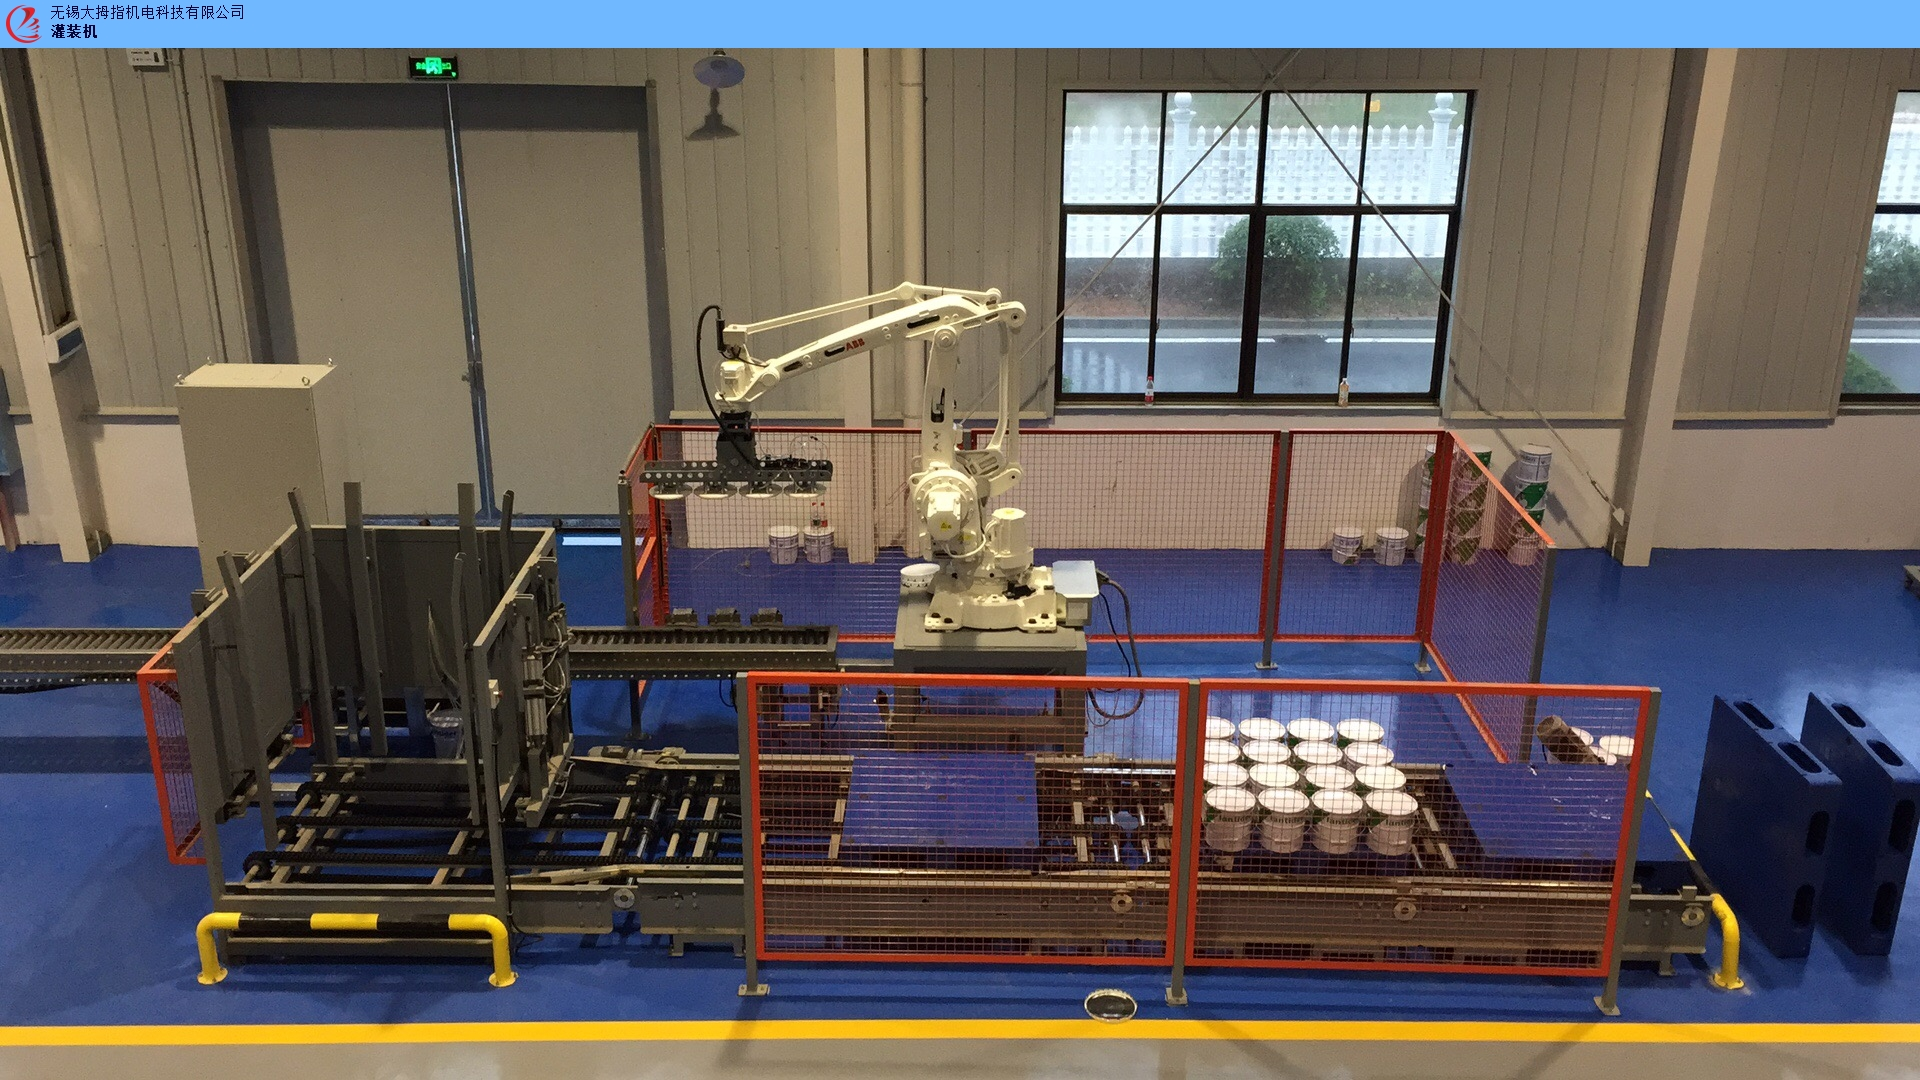 无锡塑料桶灌装机规格齐全 欢迎来电「无锡大拇指机电科技供应」